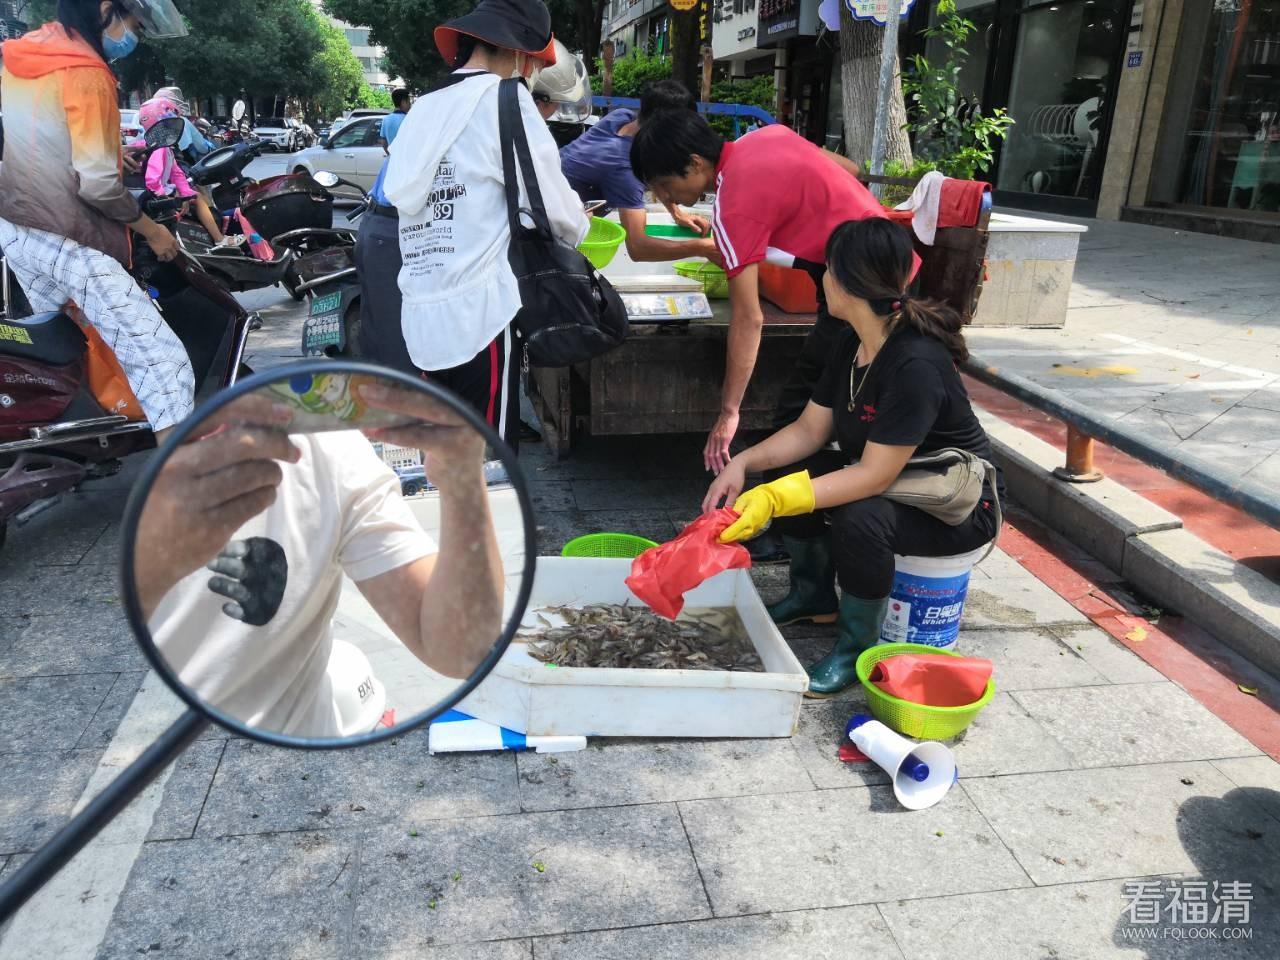 商展街(台湾街)街口,有一个海鲜摆地摊,有虾,螃蟹